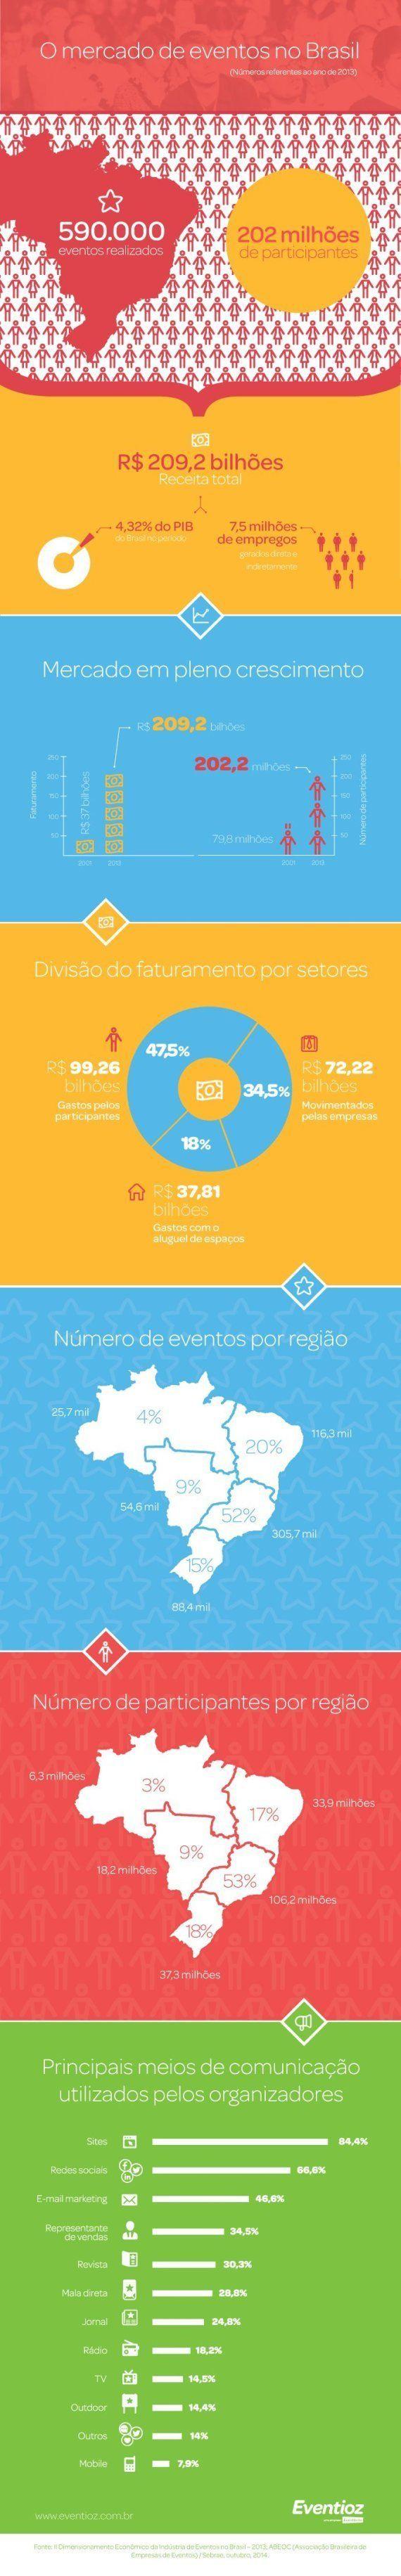 Infográfico: os números da indústria de eventos no